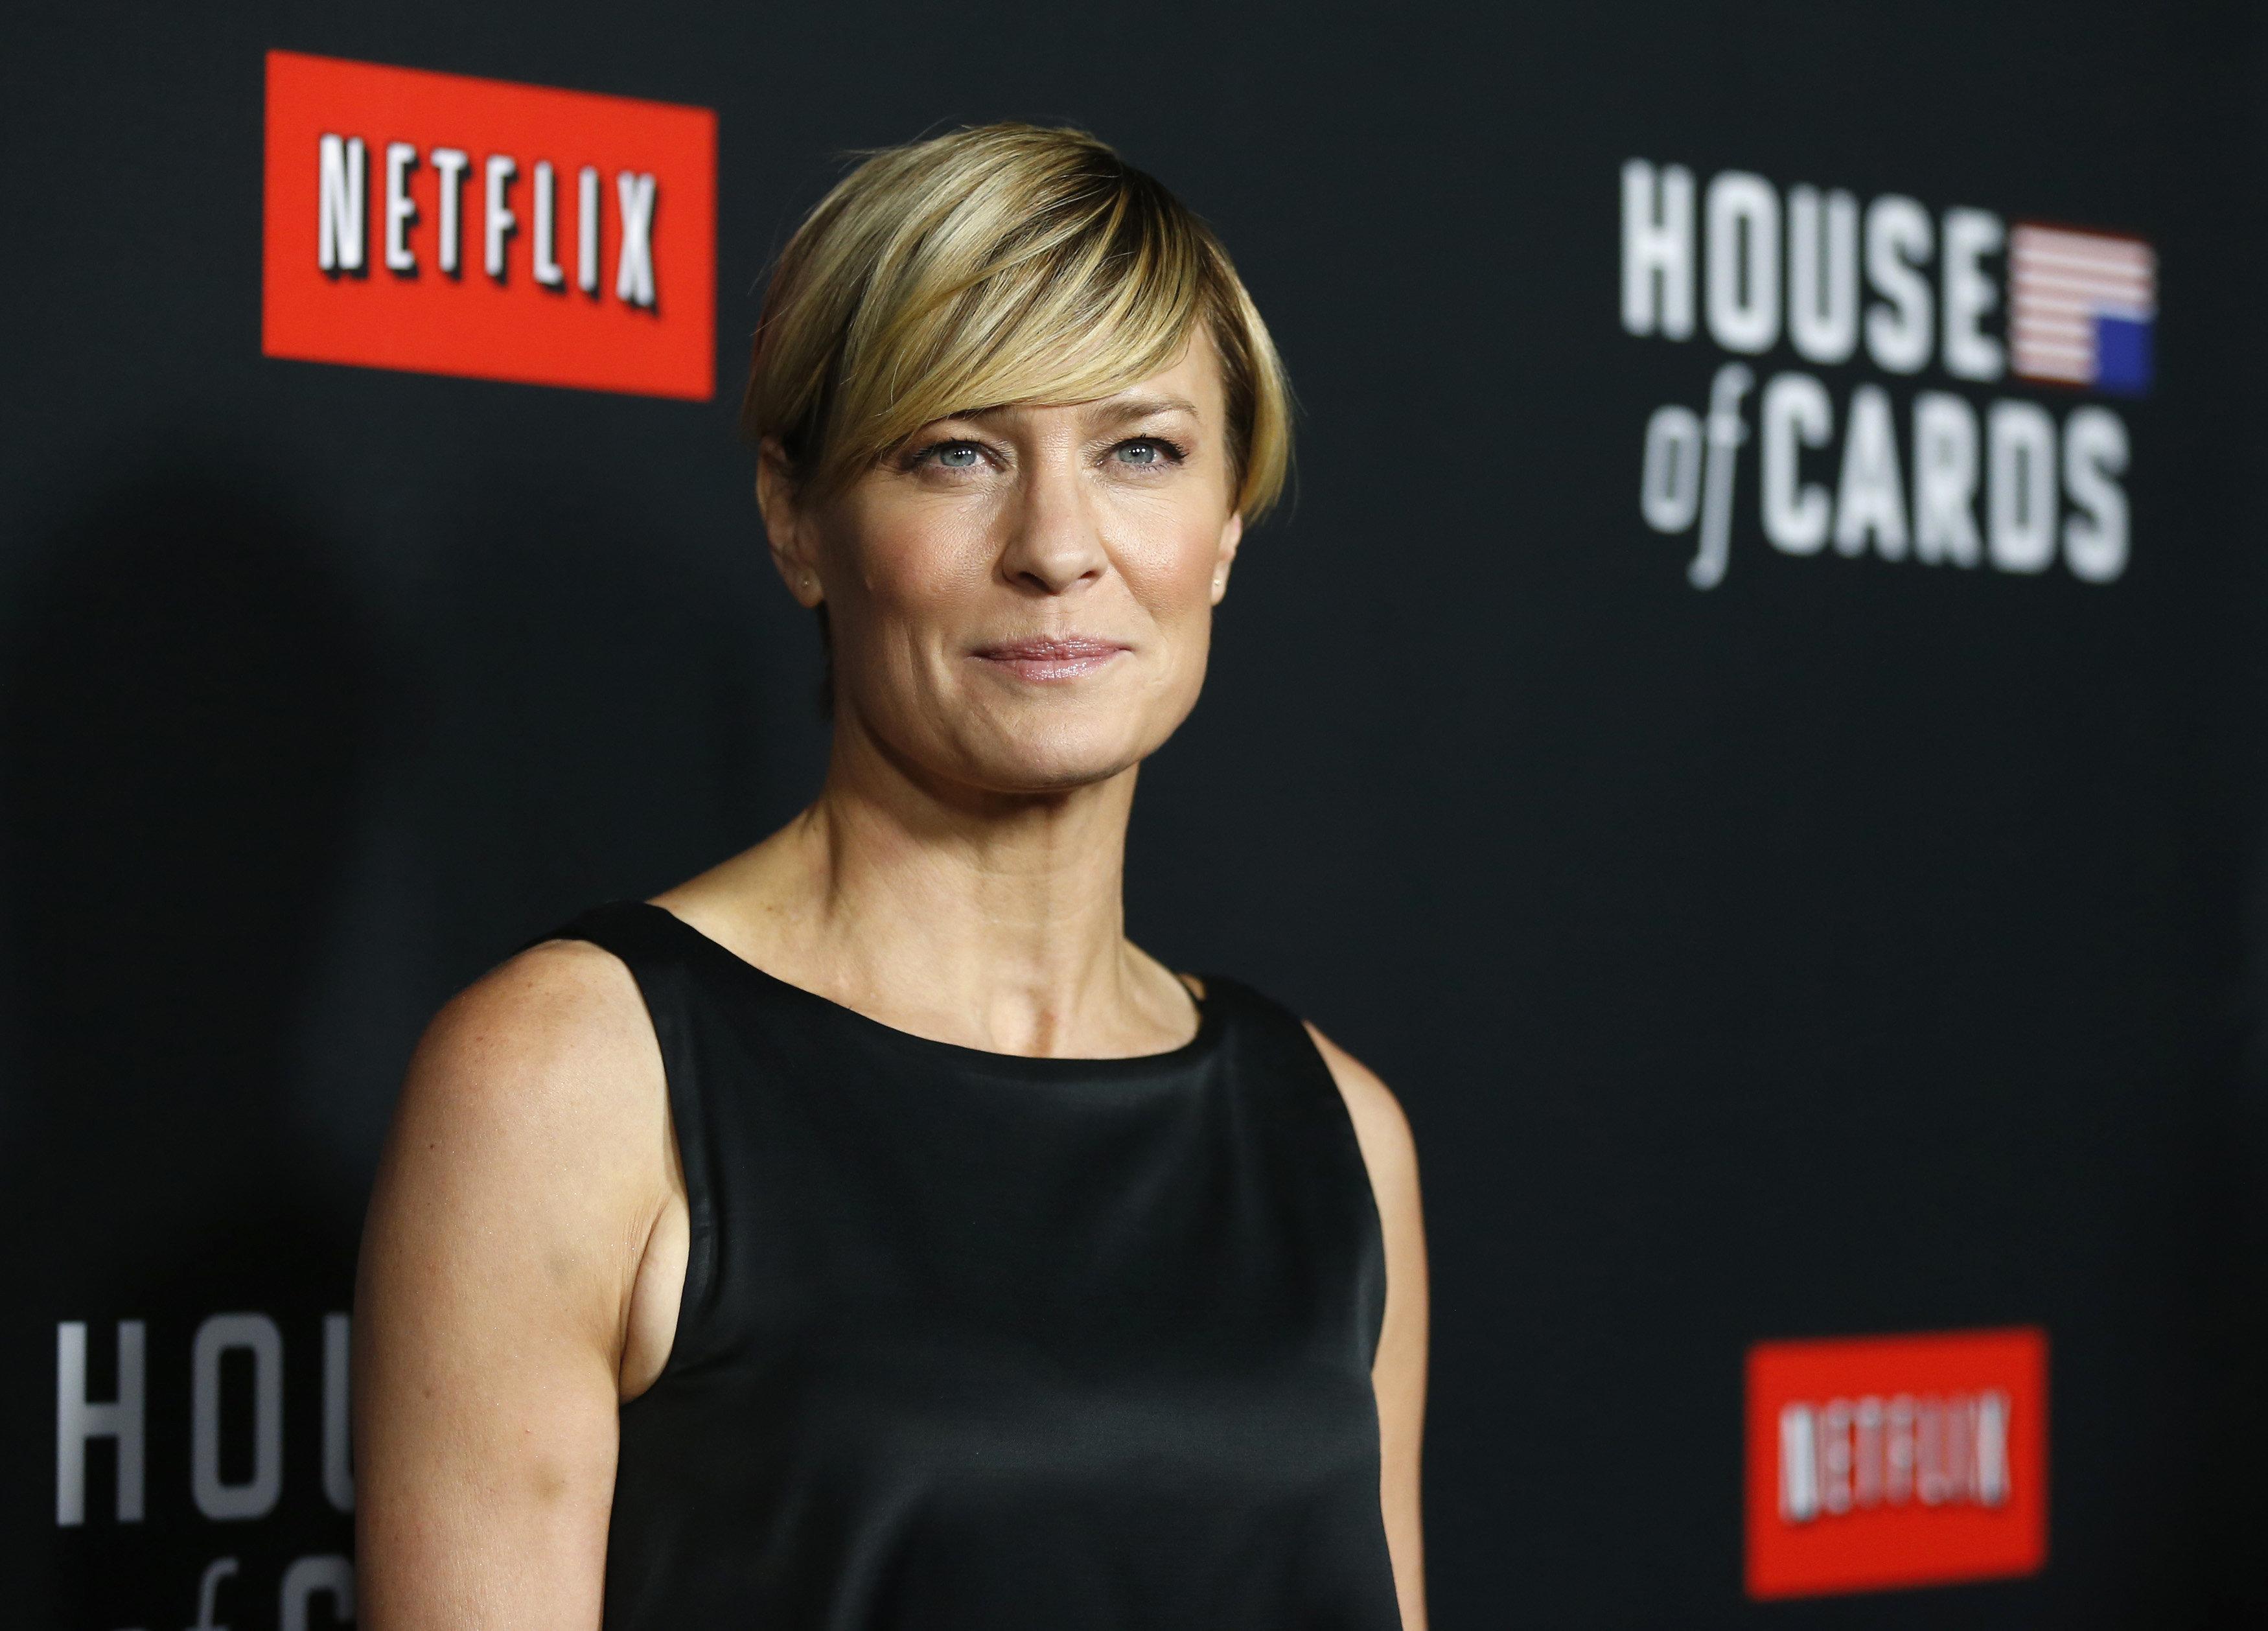 Κυκλοφόρησε το πρώτο τρέιλερ της νέας σεζόν του «House of Cards» χωρίς τον Kevin